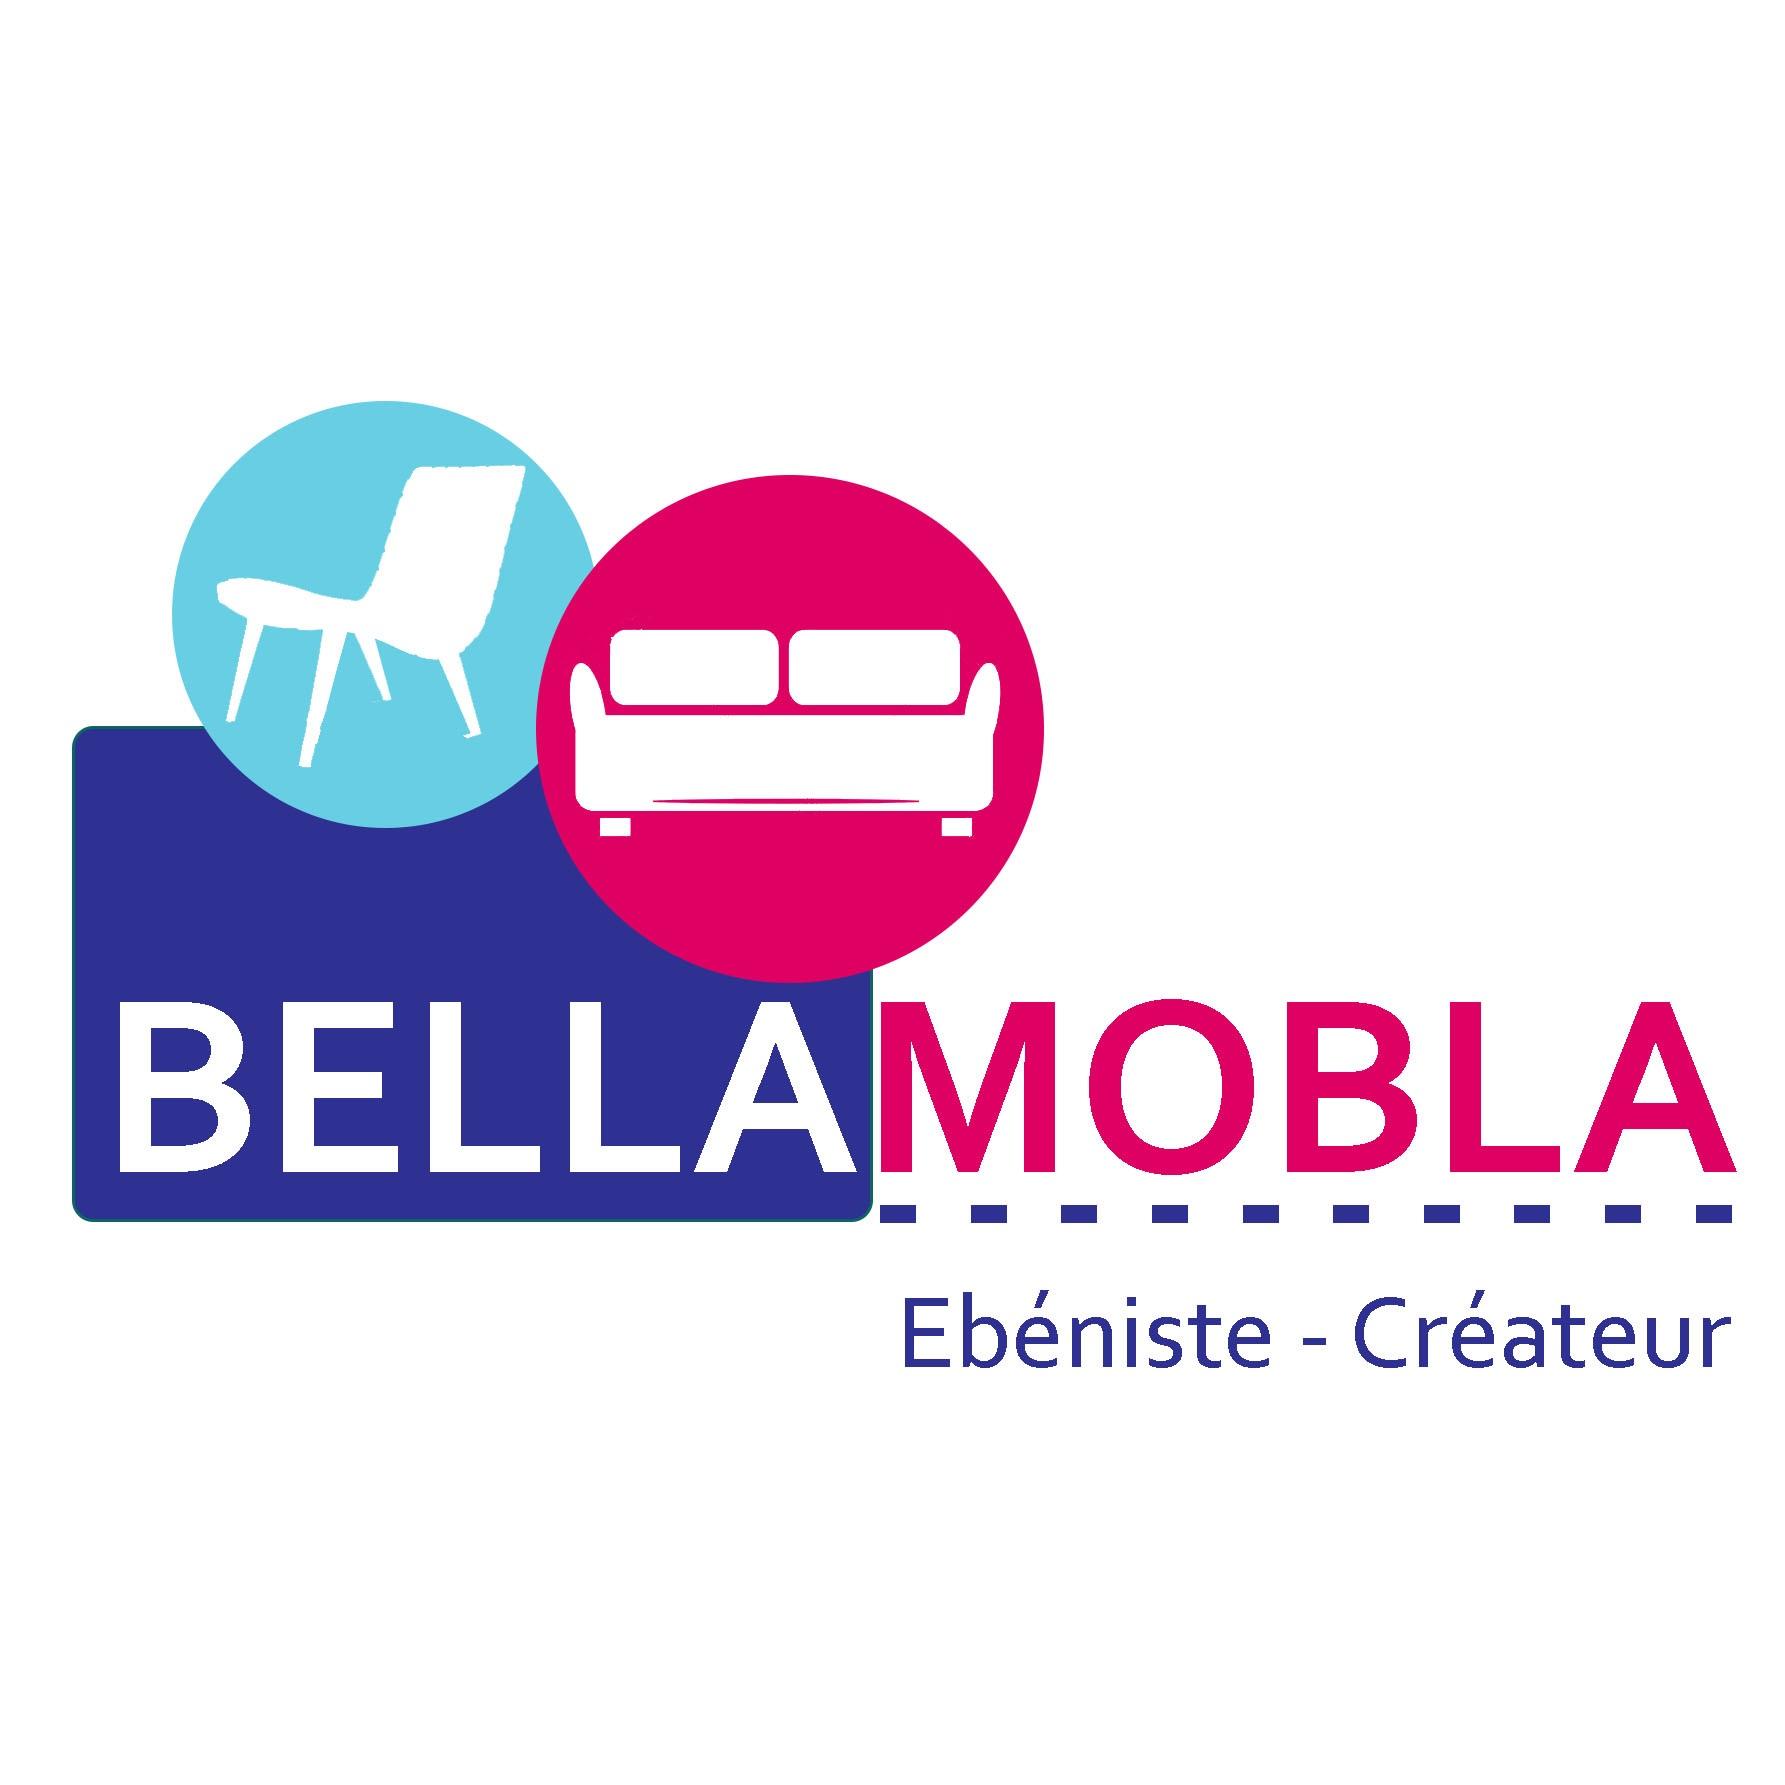 Bellamobla